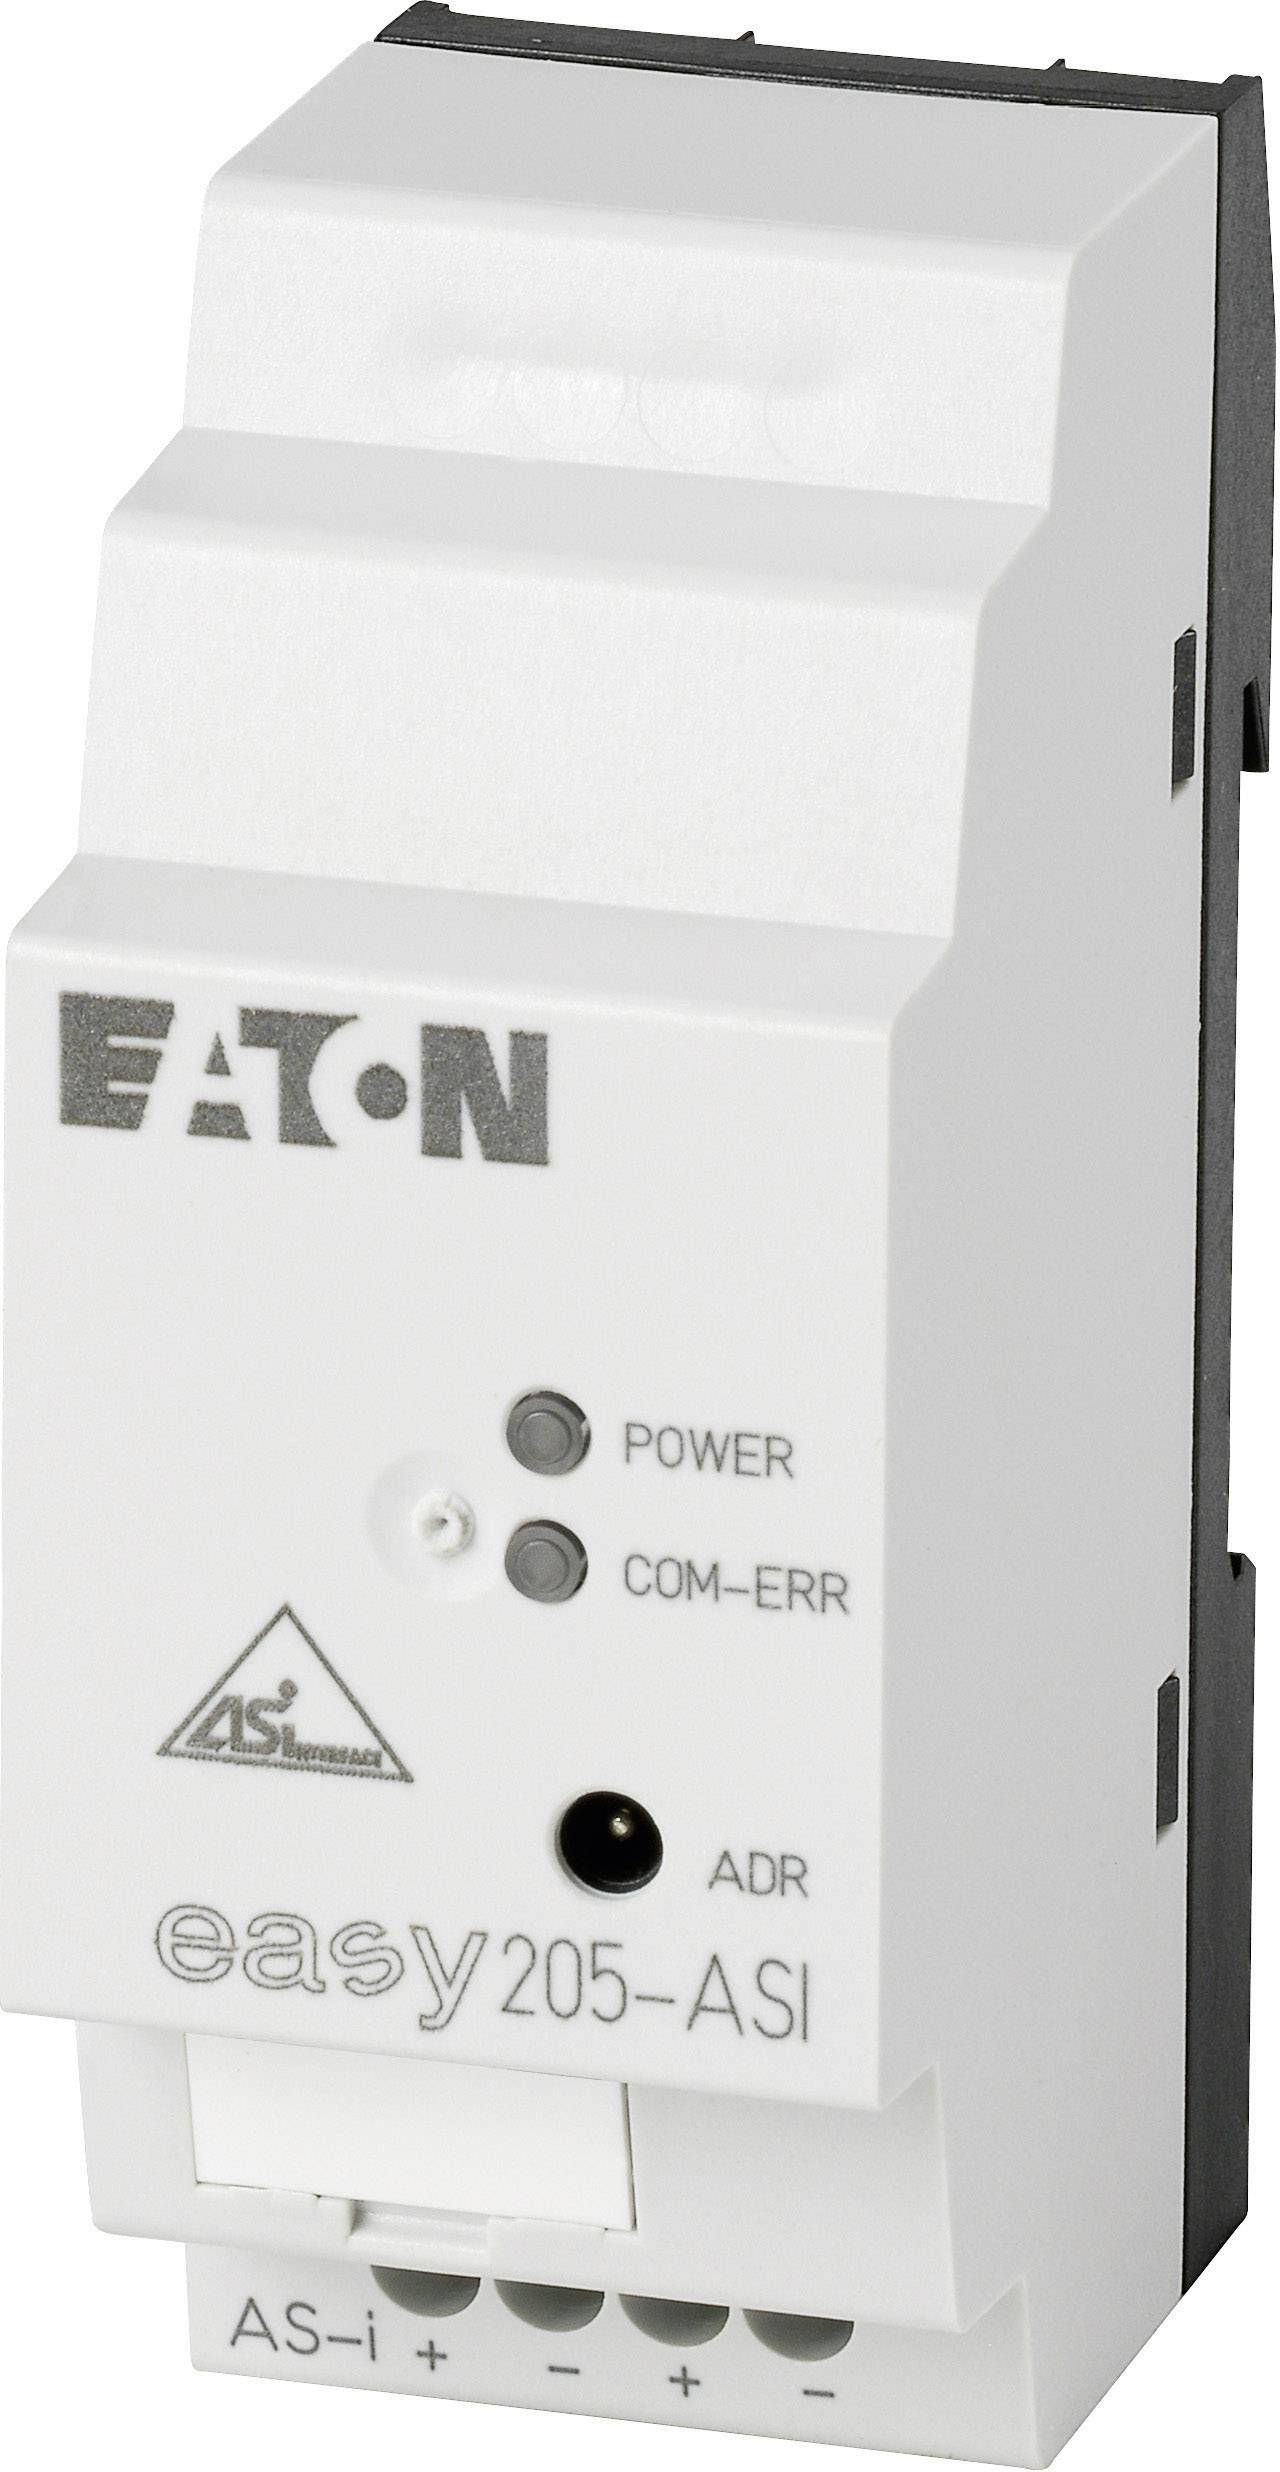 Modulové relé Eaton easy 205-ASI